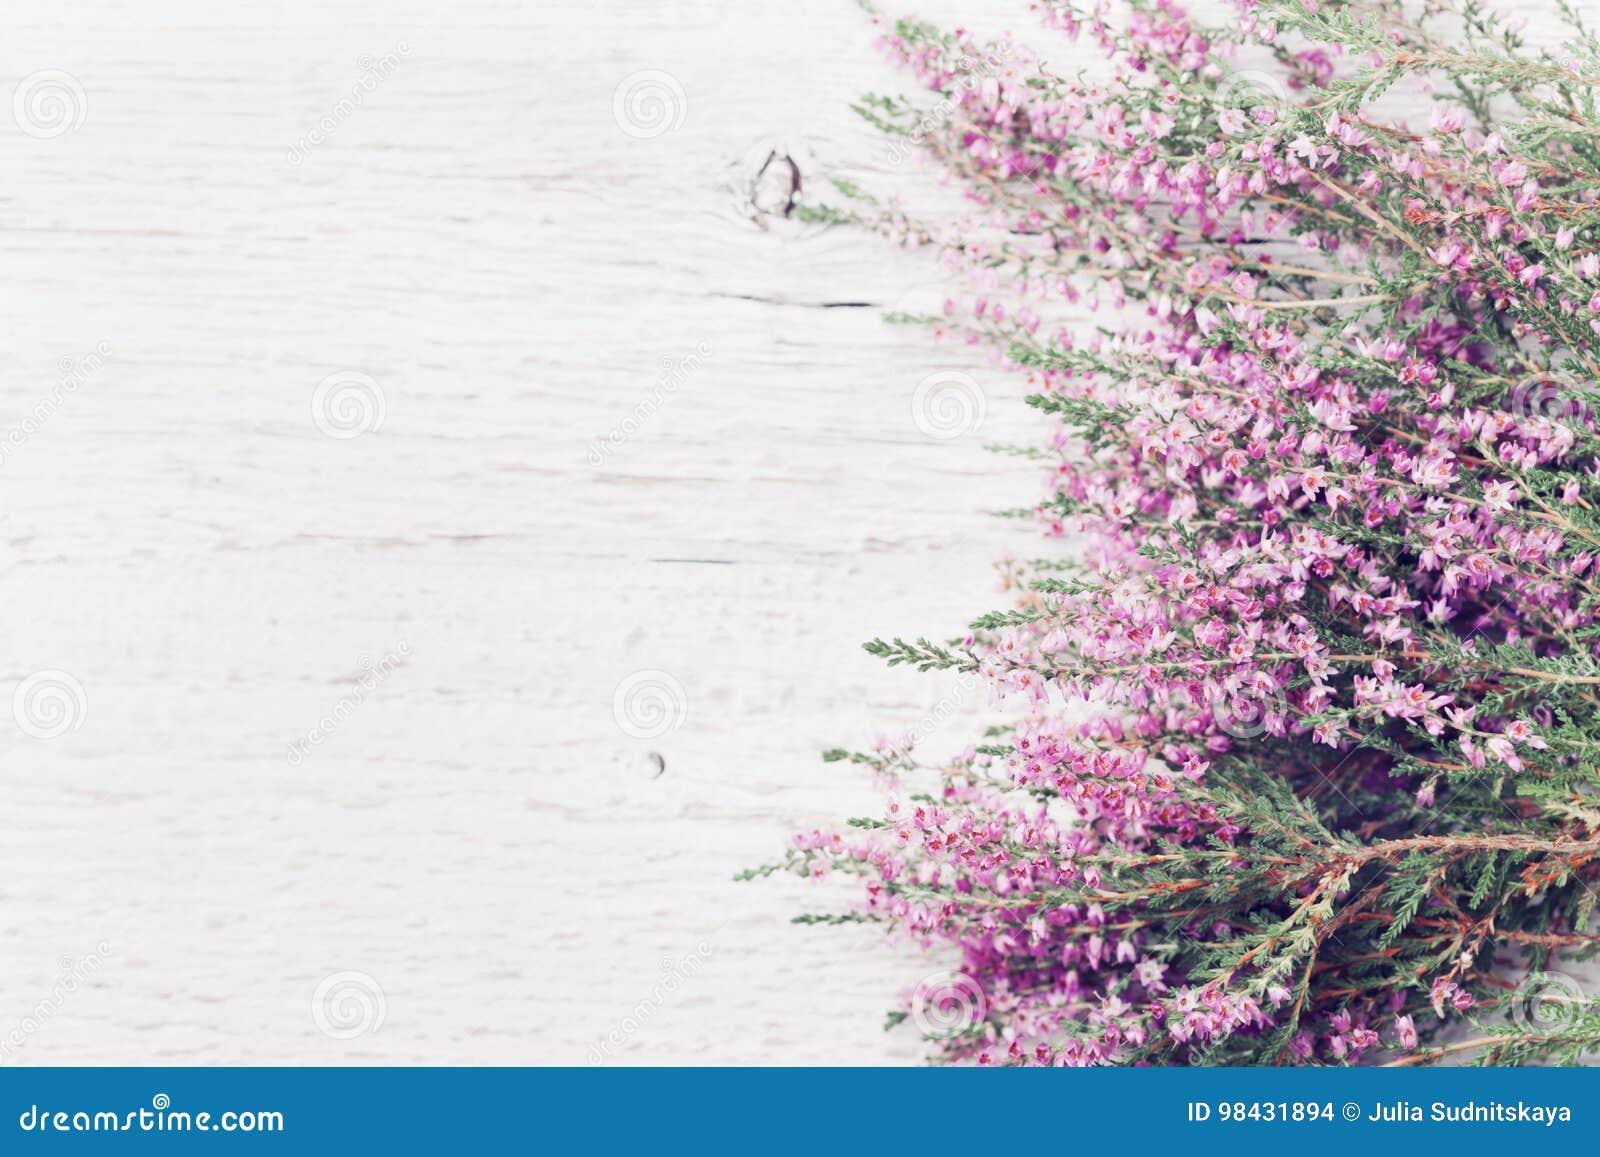 寻常桃红色石南花花边界的紧急电报,埃里卡,在白色土气桌顶上的视图的石楠 看板卡问候样式葡萄酒